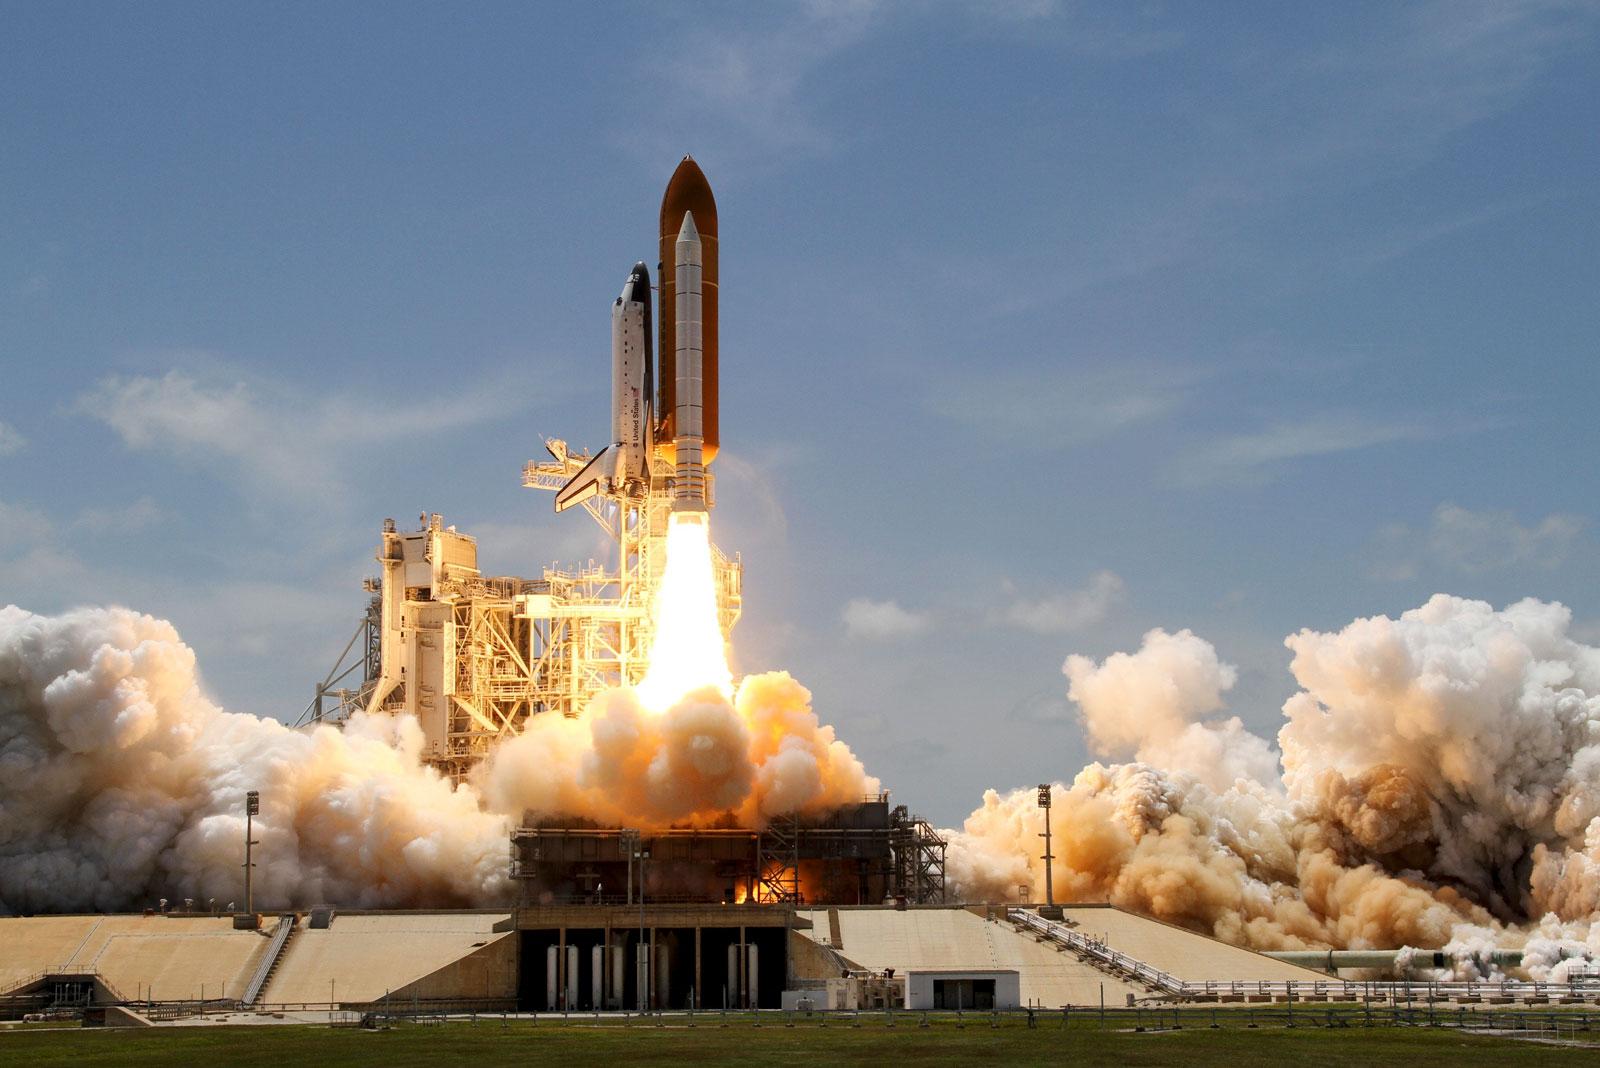 Poder de innovación: Cómo se preparan para el futuro las empresas de éxito (IV)